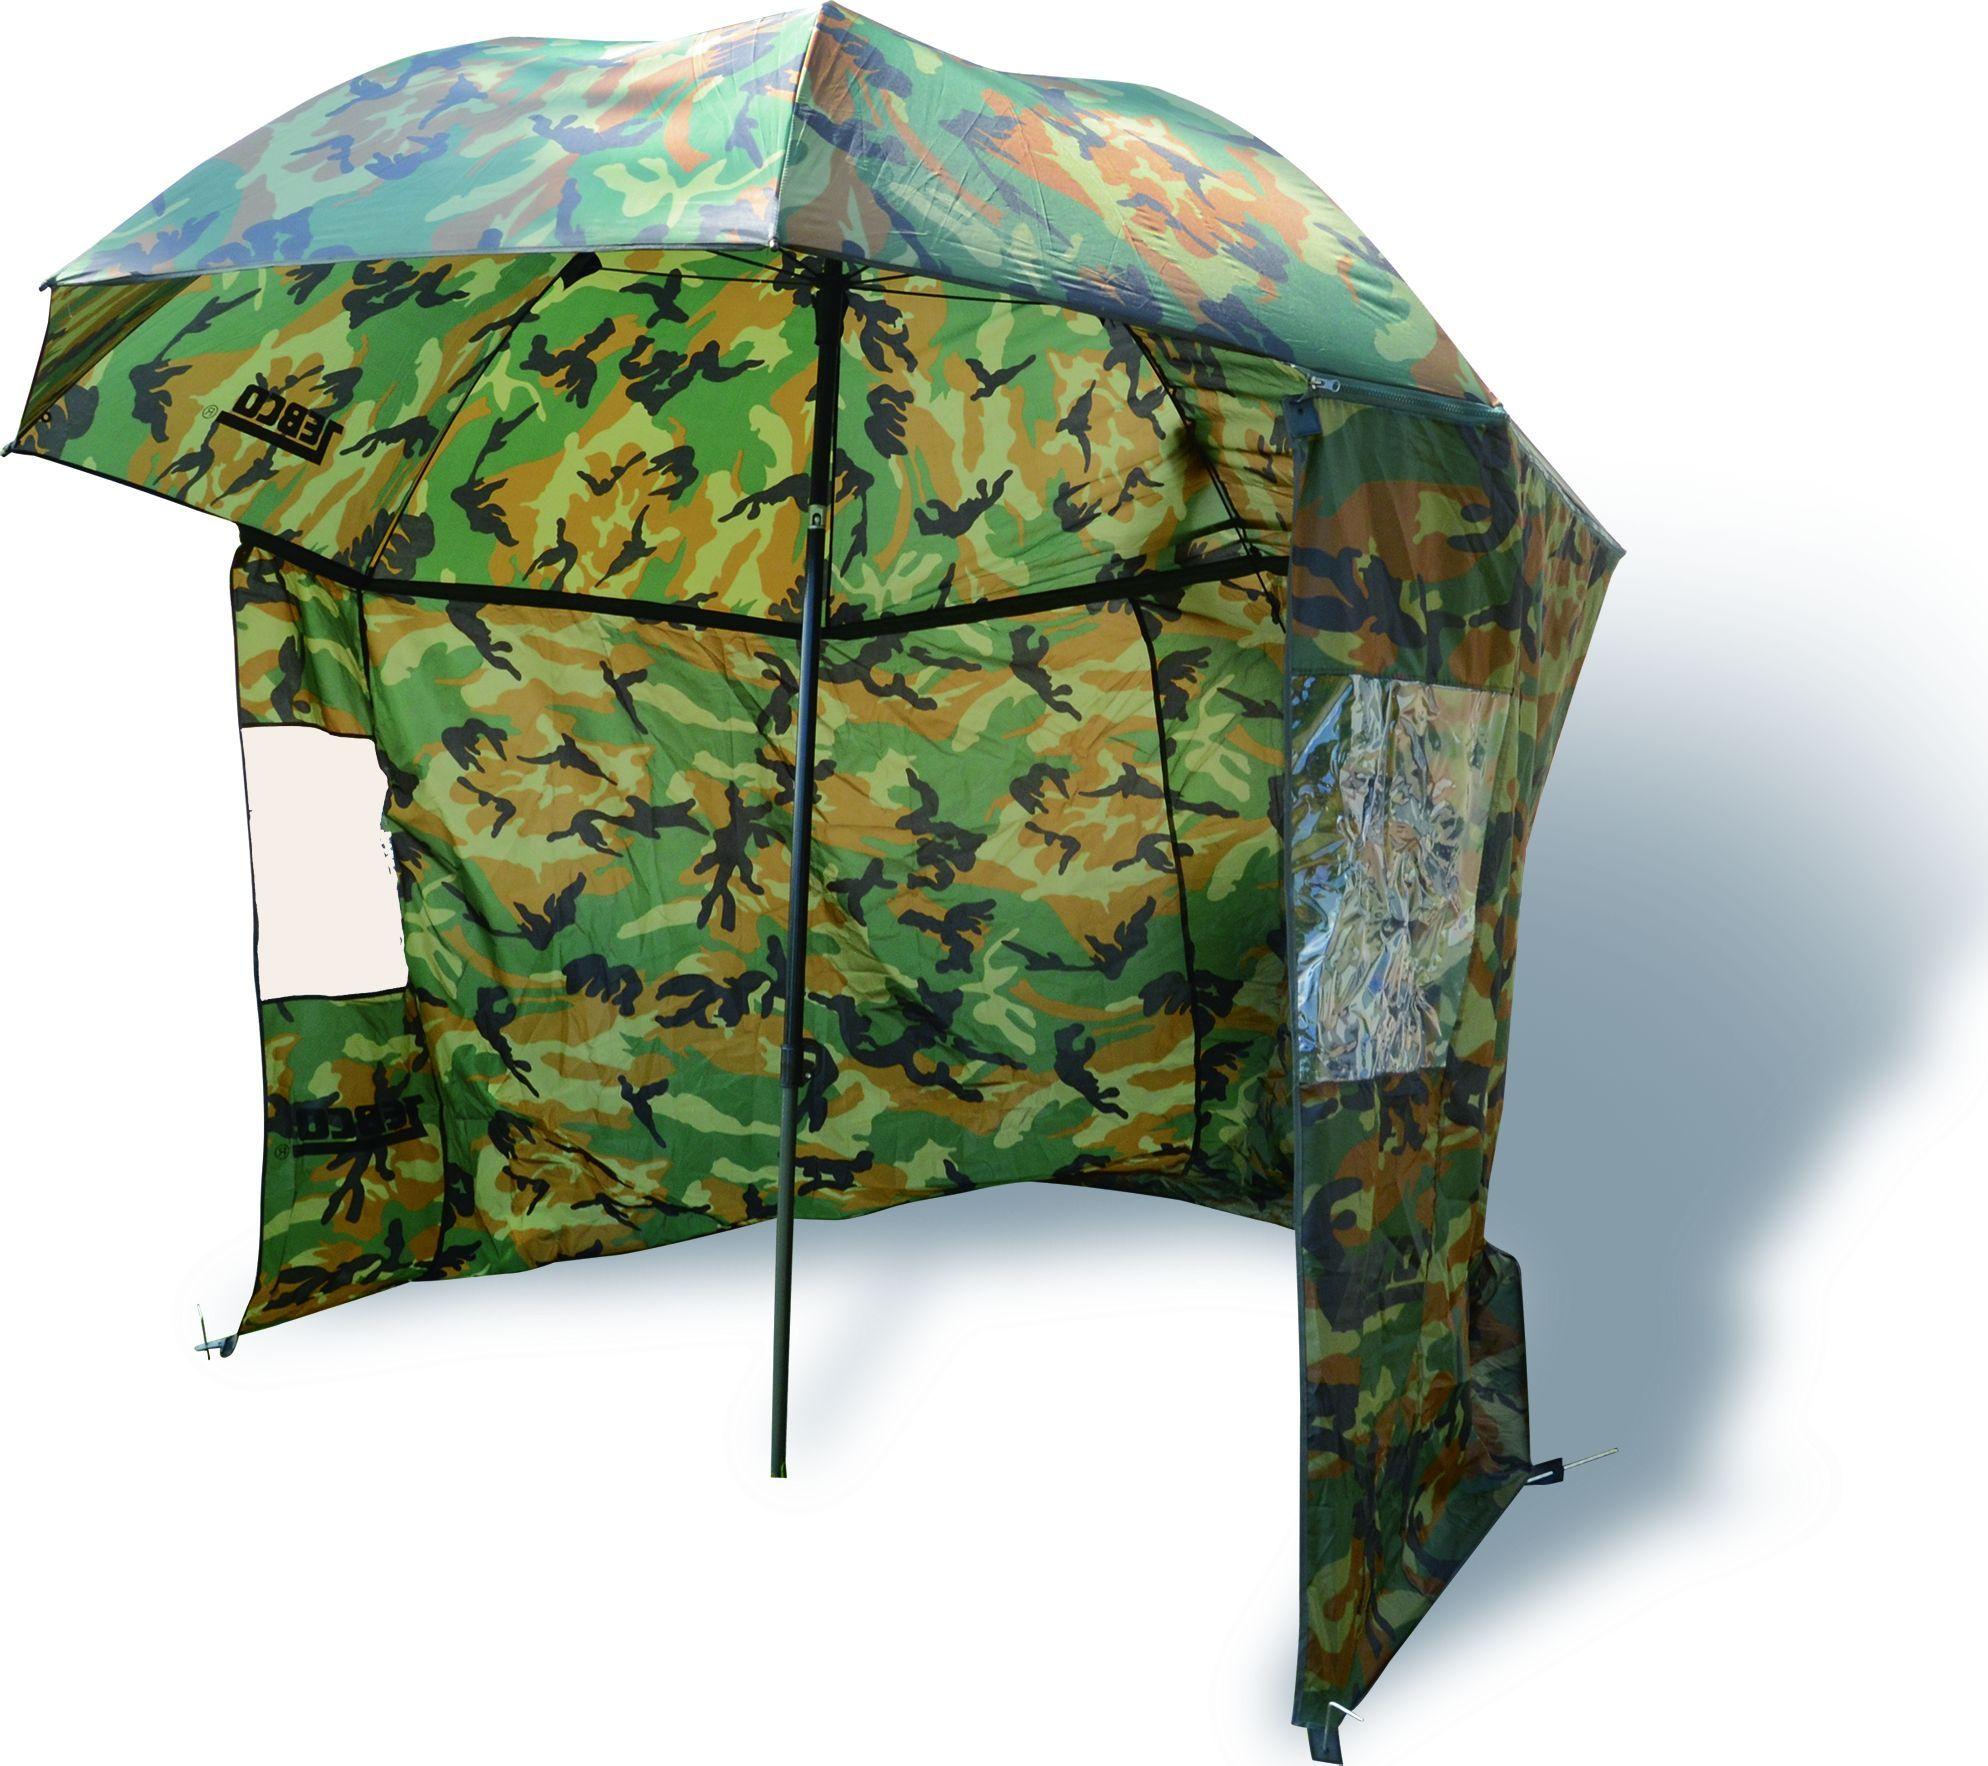 Zebco Umbrella with sides Camu Ø2,20m (9974253) Lietussargs